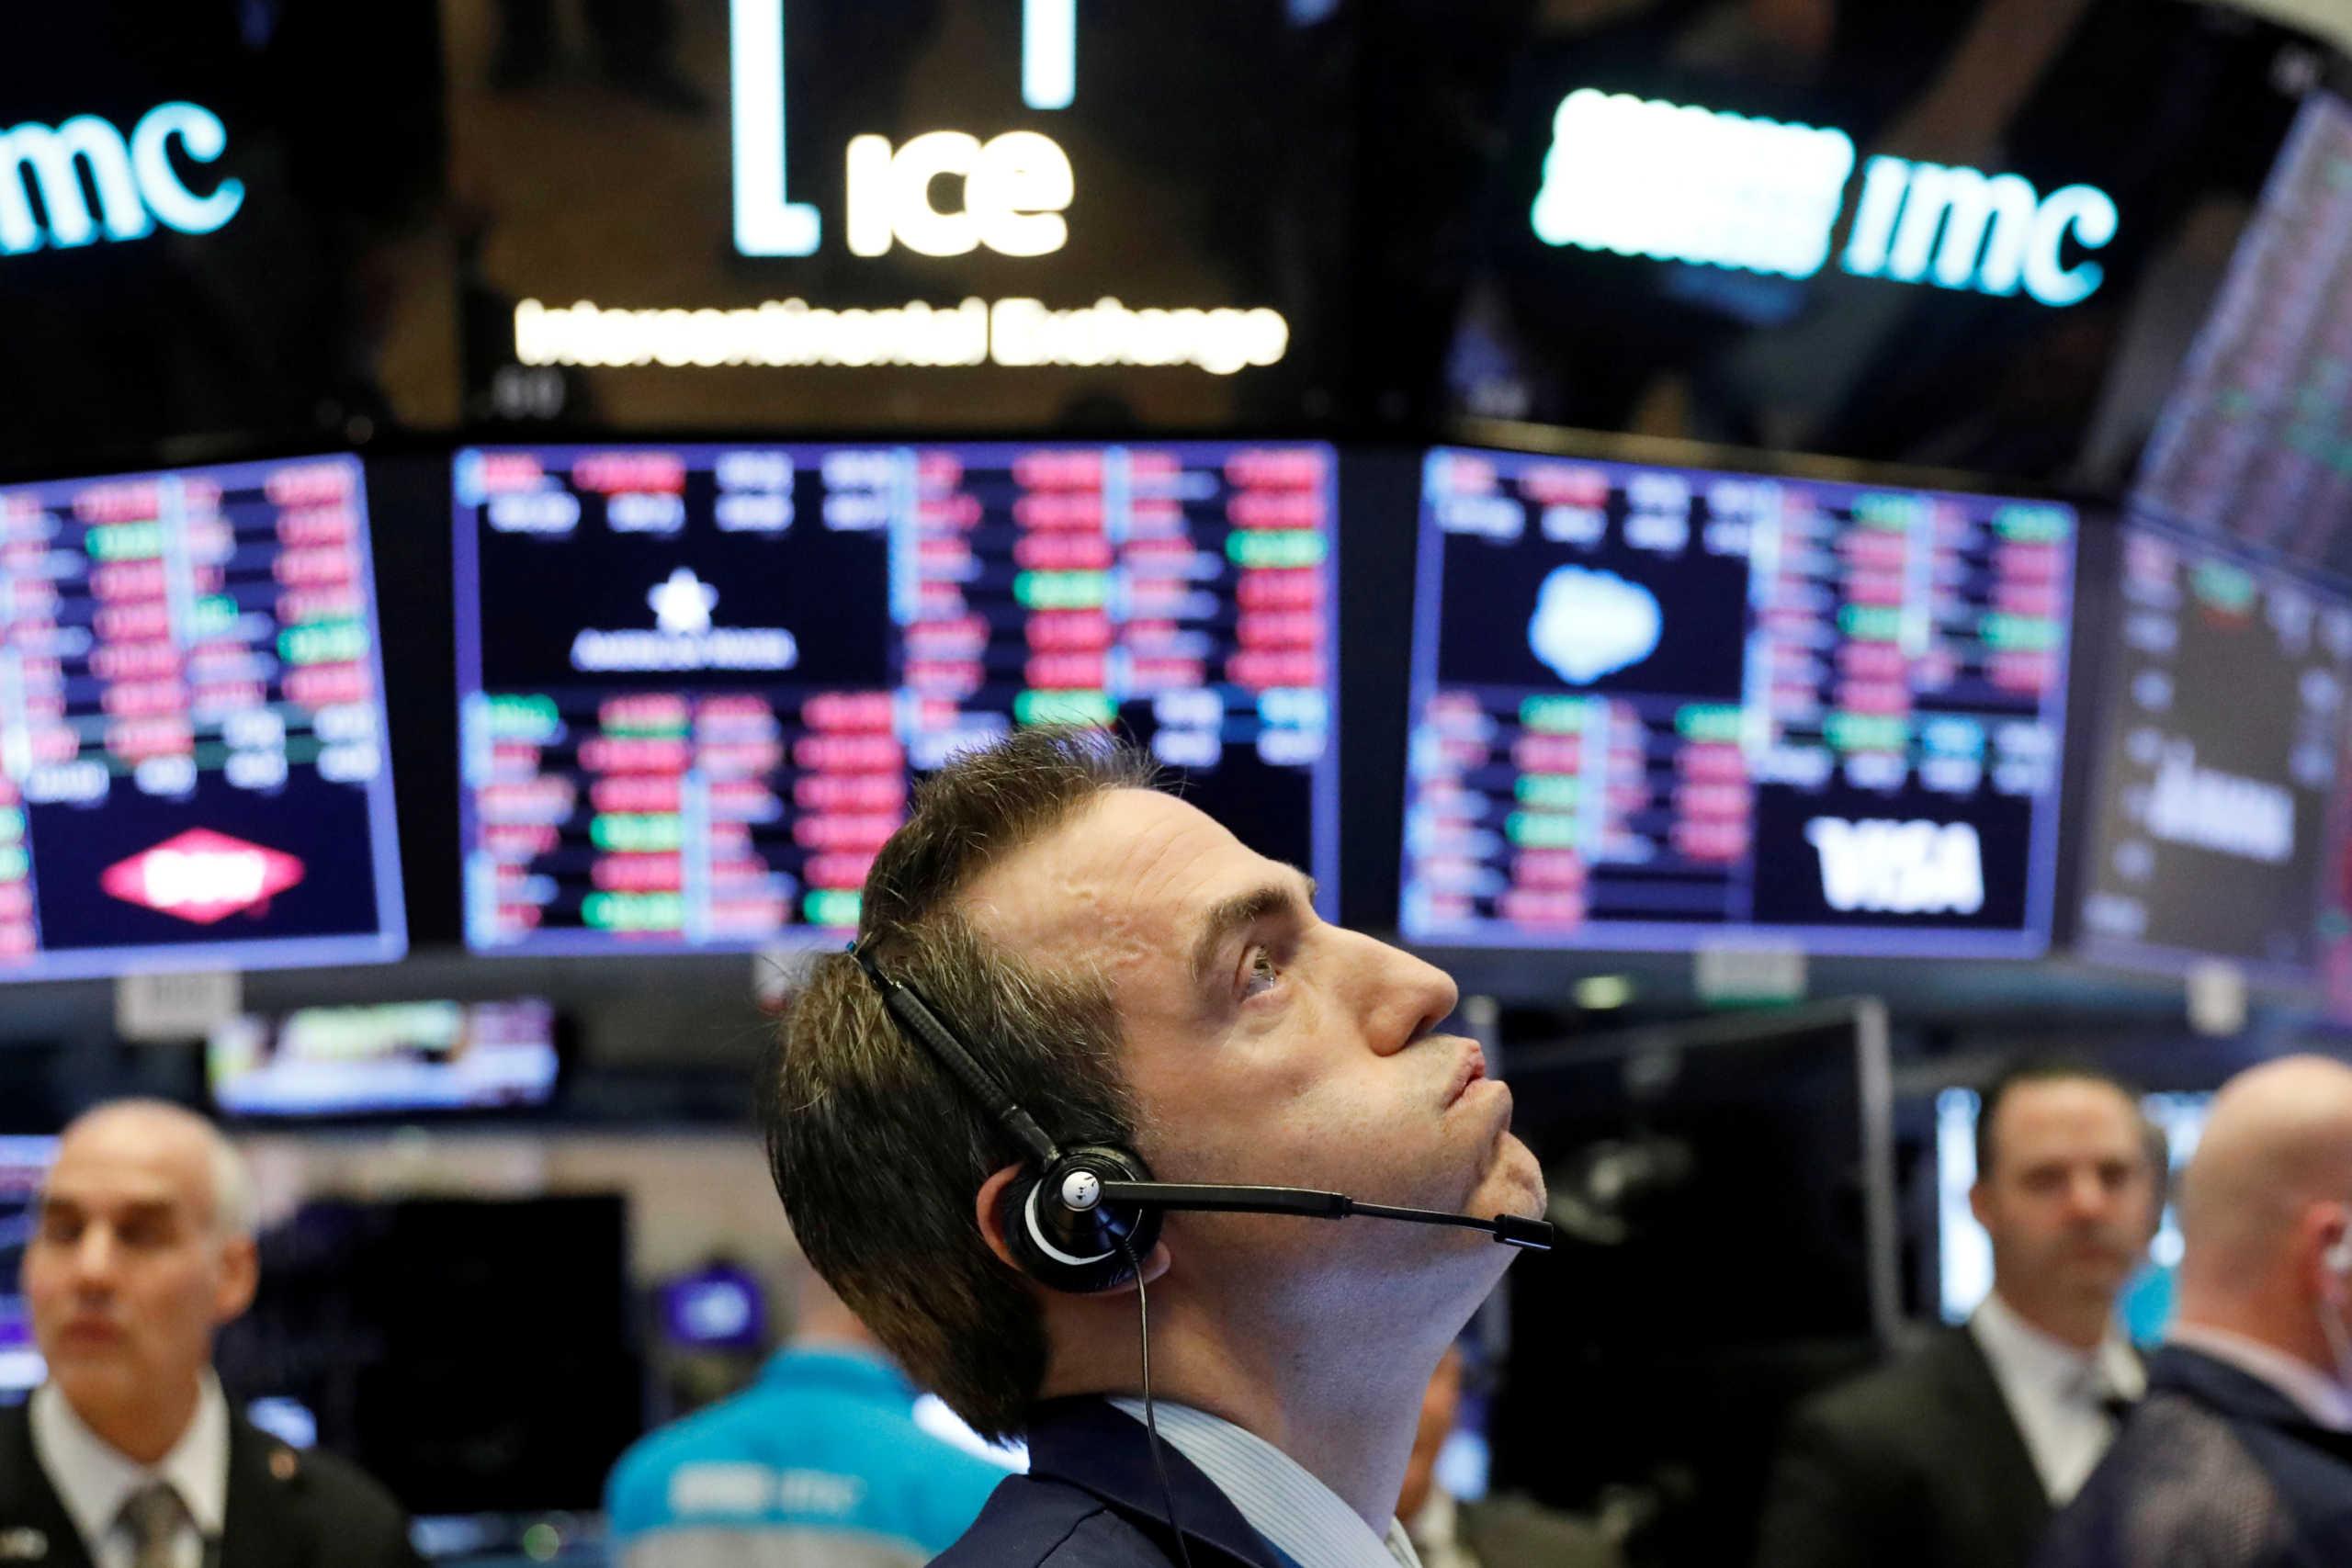 Το φάντασμα της ύφεσης επιστρέφει παγκοσμίως – Μεγάλες απώλειες σε χρηματιστήρια και πετρέλαιο